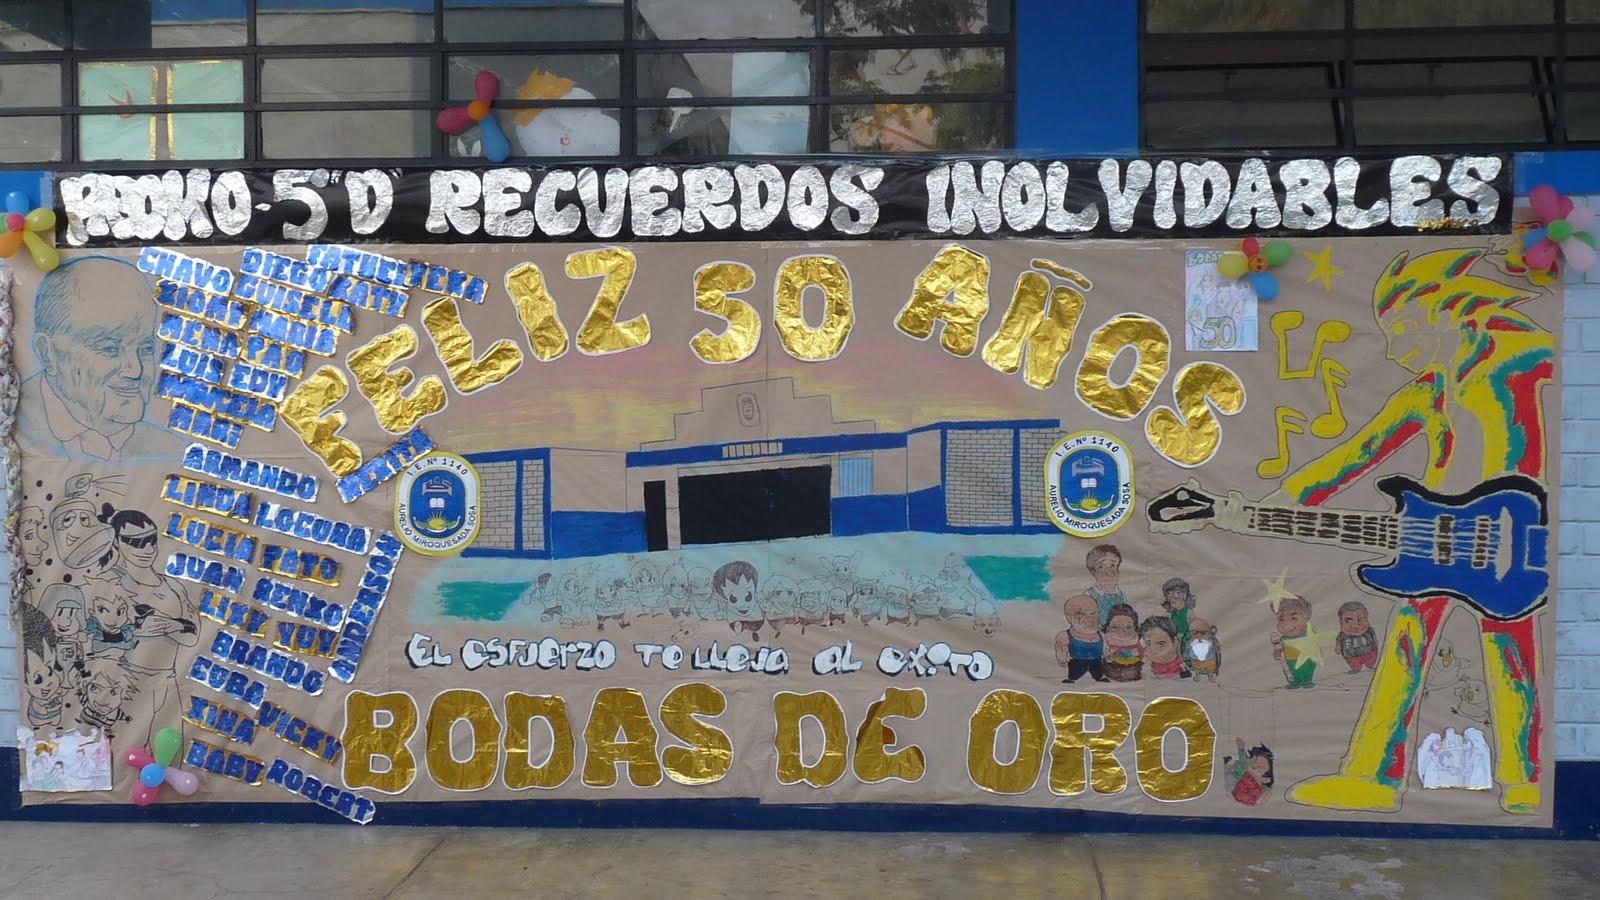 Periodico mural dedicado al colegio periodico mural por for El periodico mural